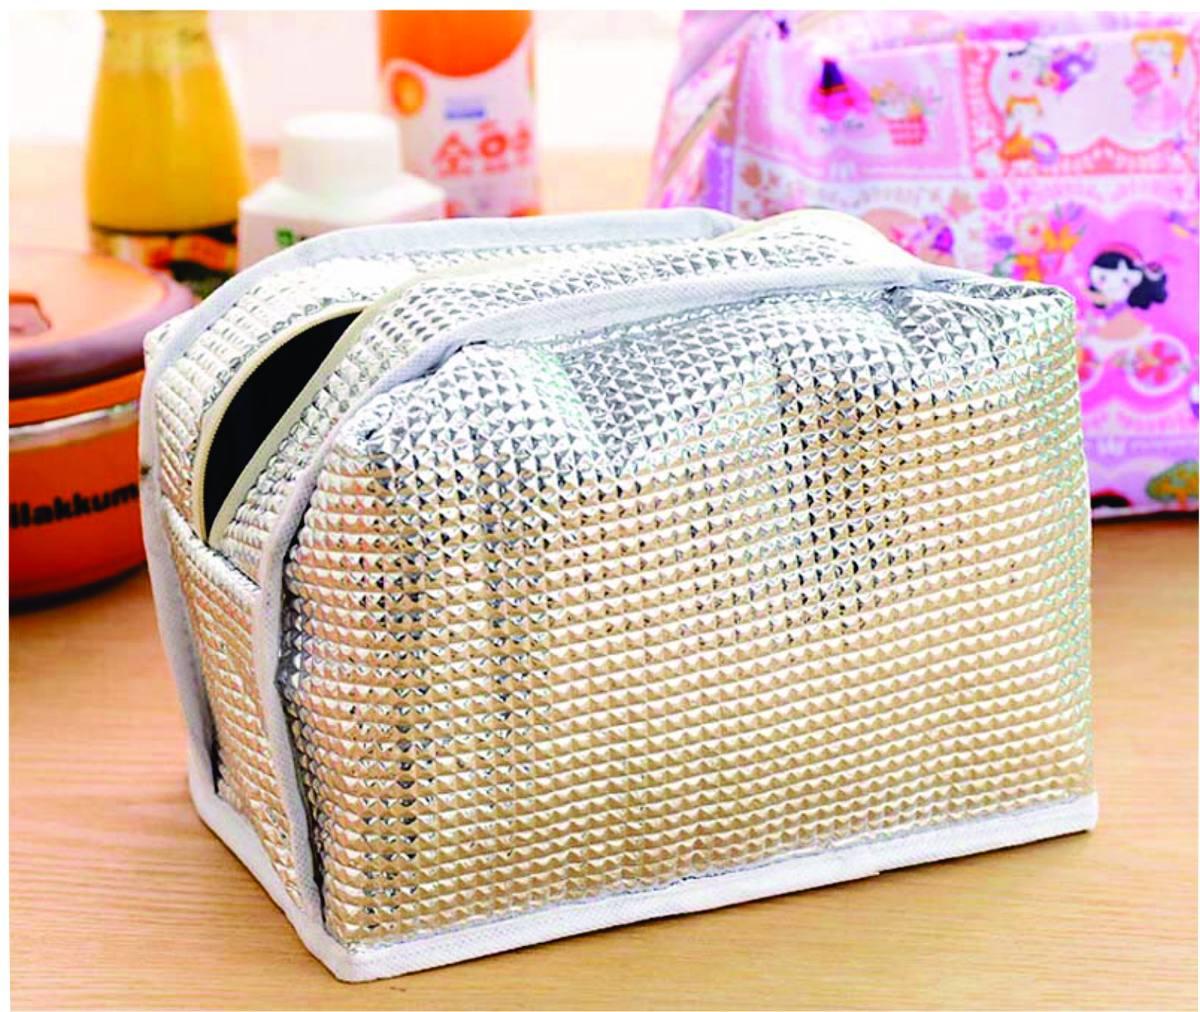 Bolsa Feminina Com Compartimento Para Marmita : Bolsa t?rmica para lanches marmita feminina r no